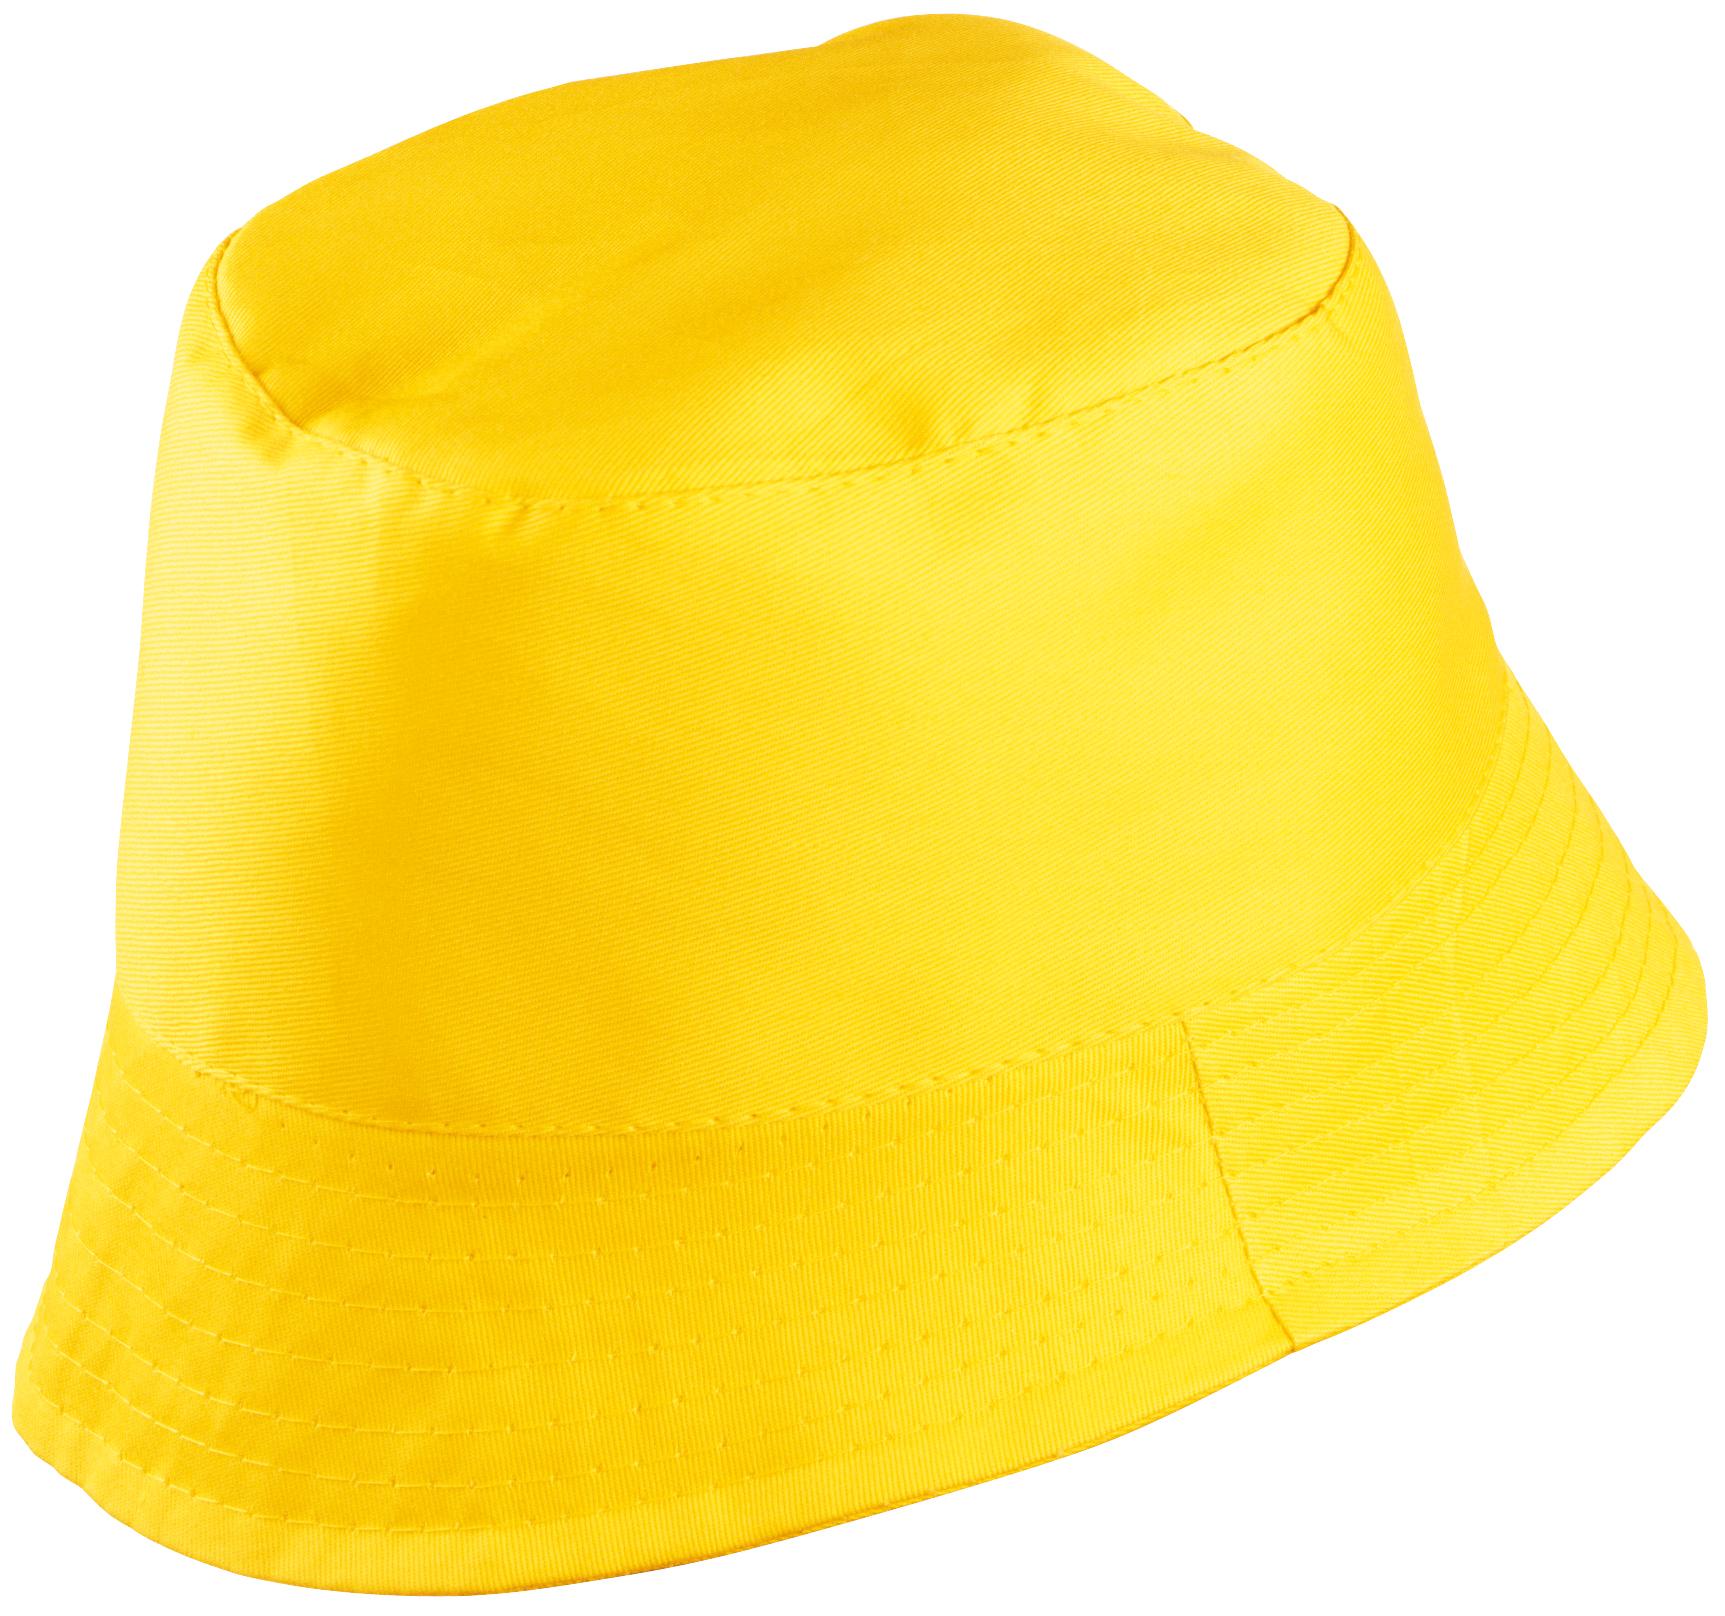 Kapelusz przeciwsłoneczny SHADOW, żółty